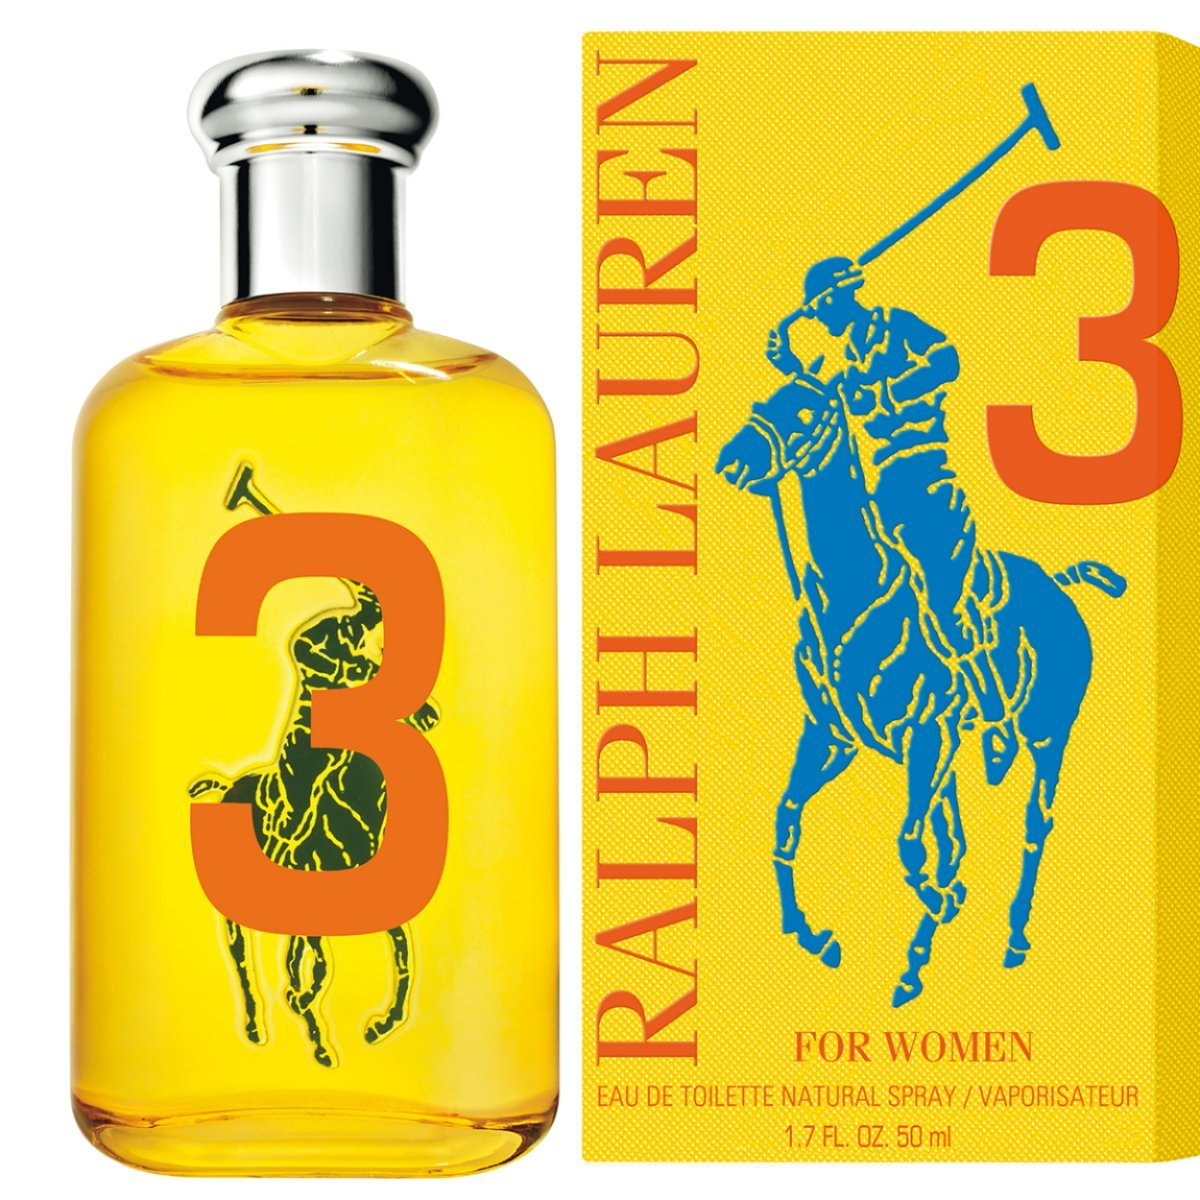 Ralph Lauren Eau de Toilette Spray for Women, The Big Pony Collection # 3, 1.7 Ounce